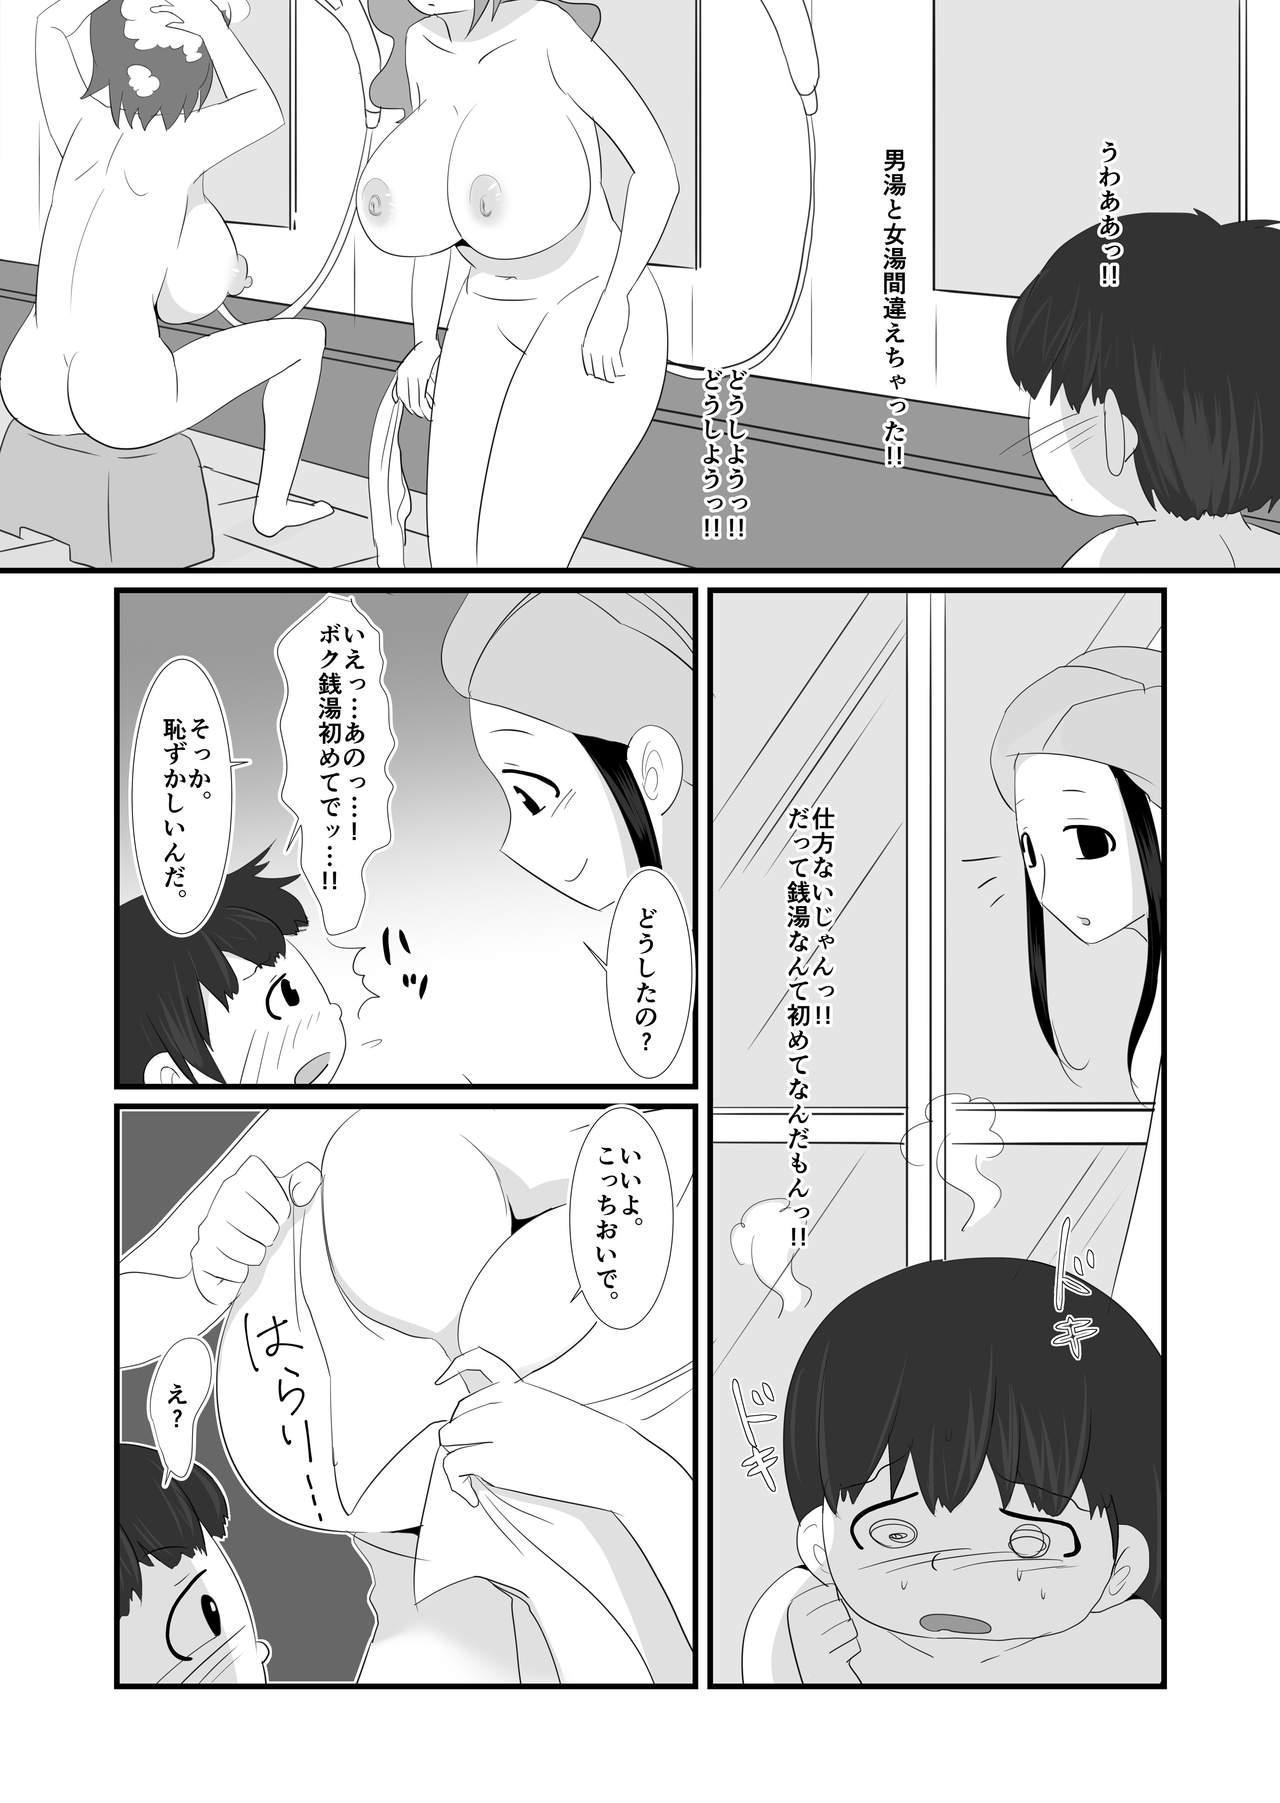 Machigatte Onnayu ni Haittara Zenra no Onesan ni Ippai Shiboritorarechatta Hi no Koto 1